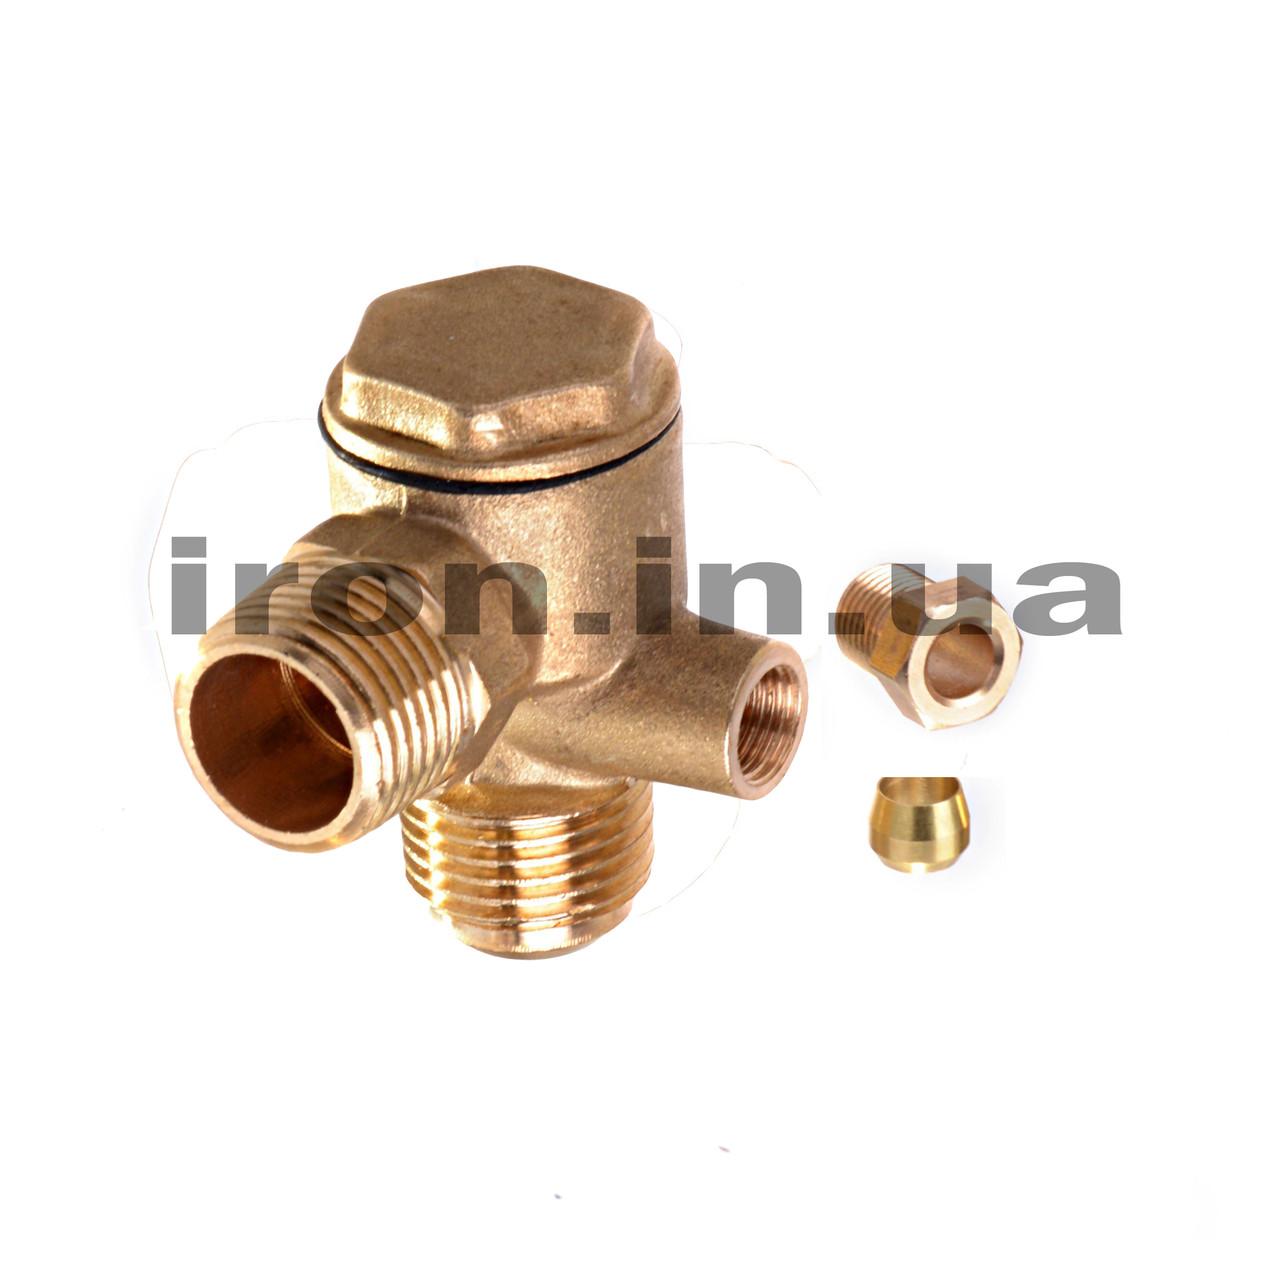 Обратный клапан с наружной резьбой  1/2 18.7 резьба внутрь 1/8 компрессора-прессостата